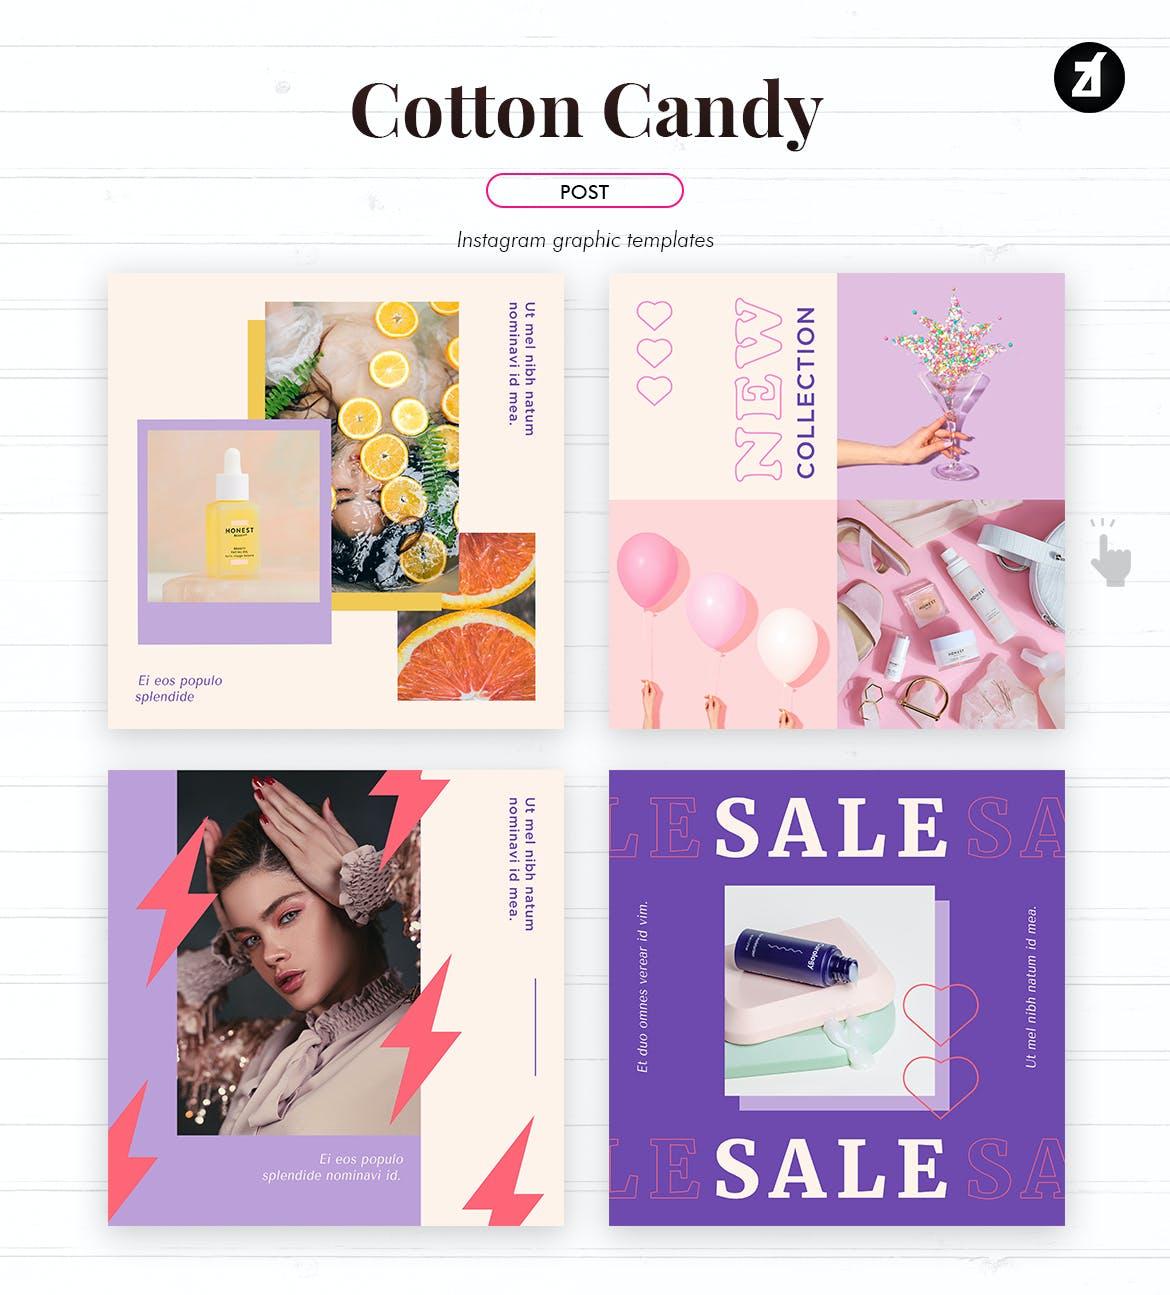 轻柔粉紫色女性生活化妆品推广新媒体电商海报模板 Cotton Candy Social Media Graphic Templates插图3